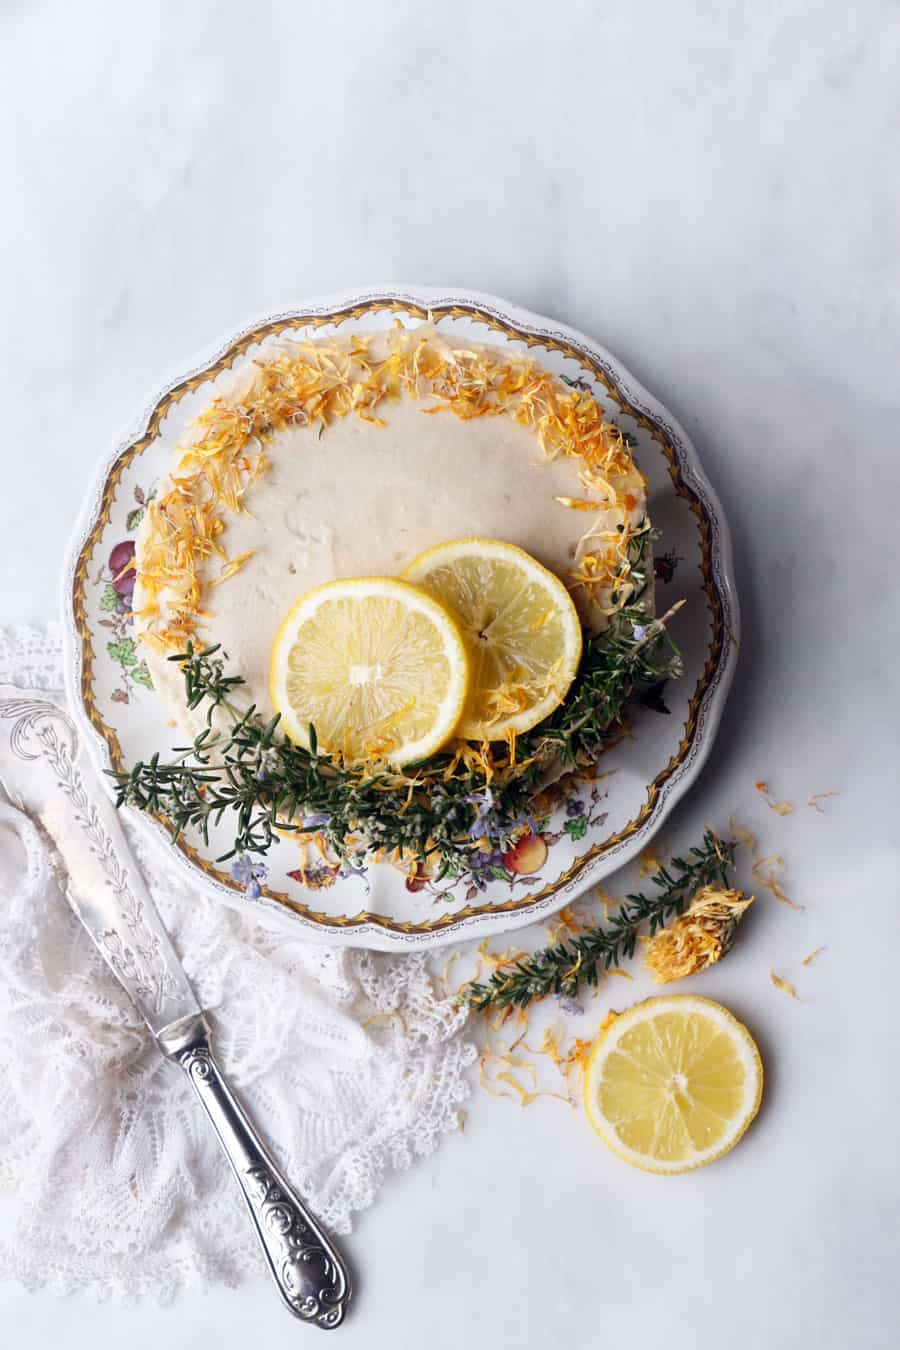 Rosemary Lemon Imbolc Cake (vegan & gluten-free)